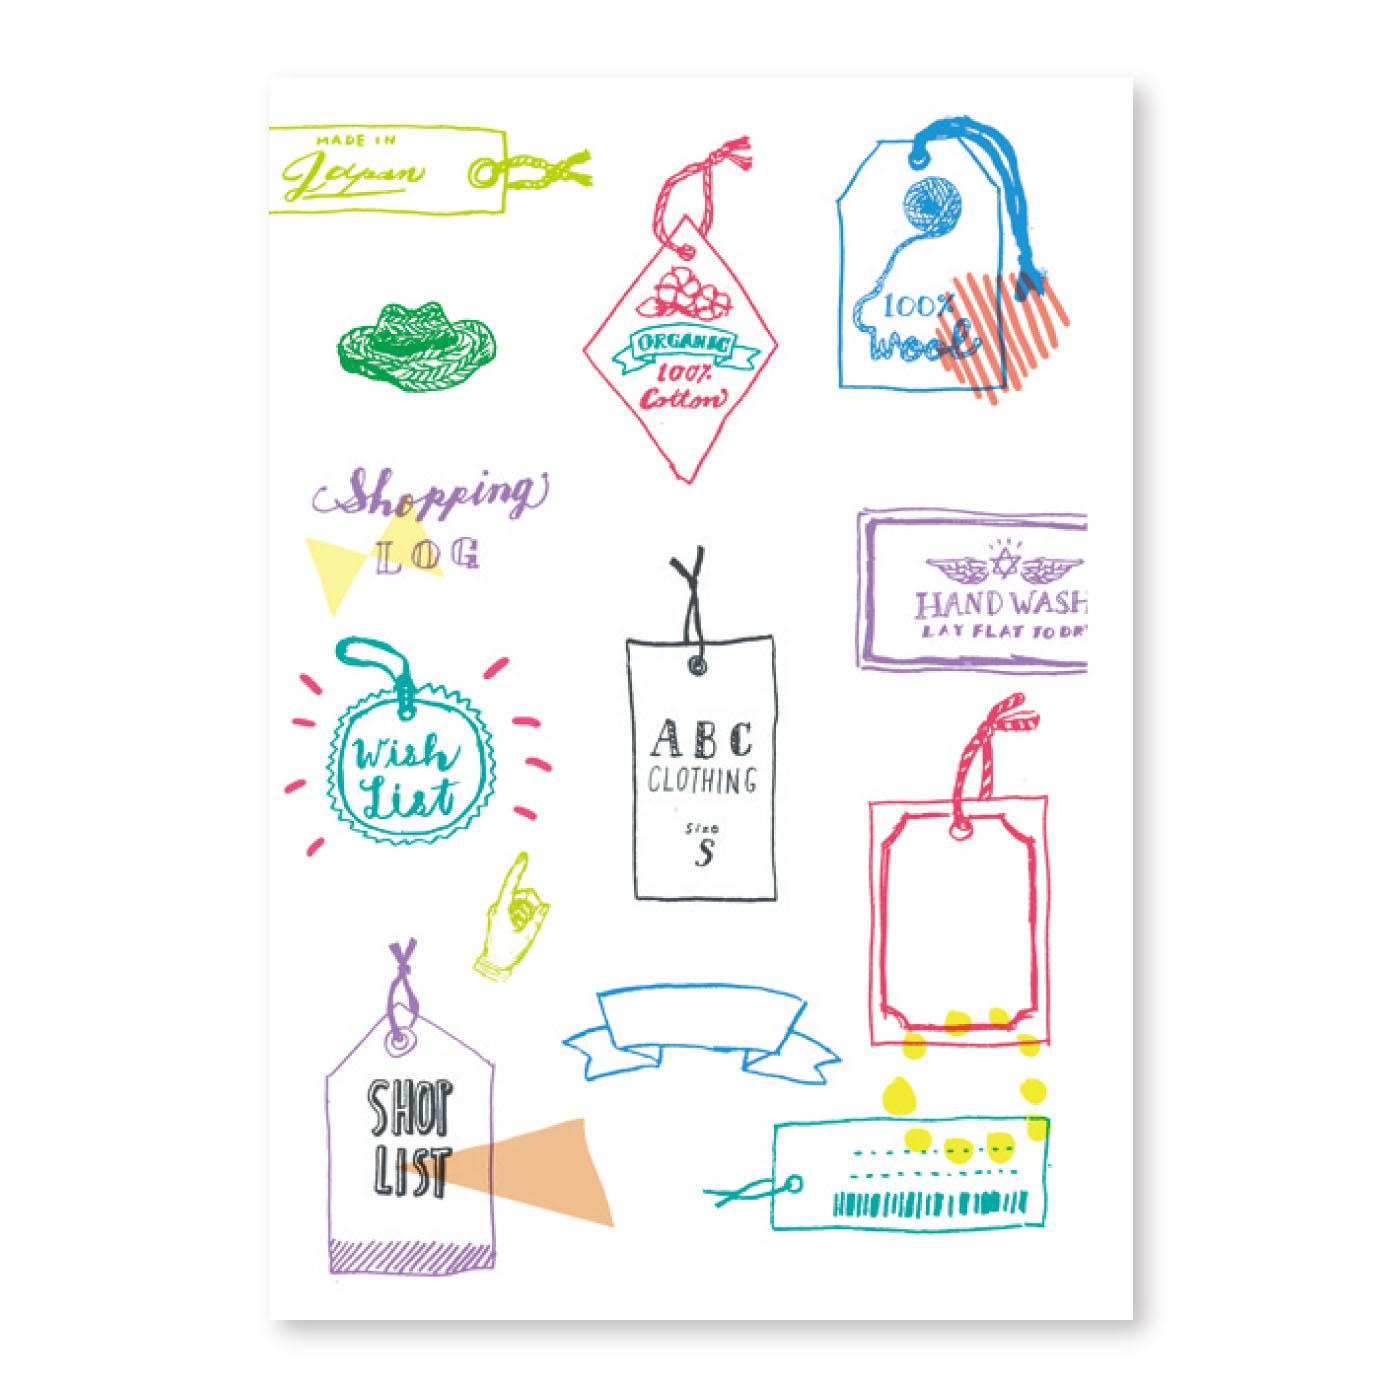 #ショッピング さんざん悩んで買ったお気に入り、運命的に出会った逸品やおねだりしたいあのアイテムを書き留めておくため買い物メモ。